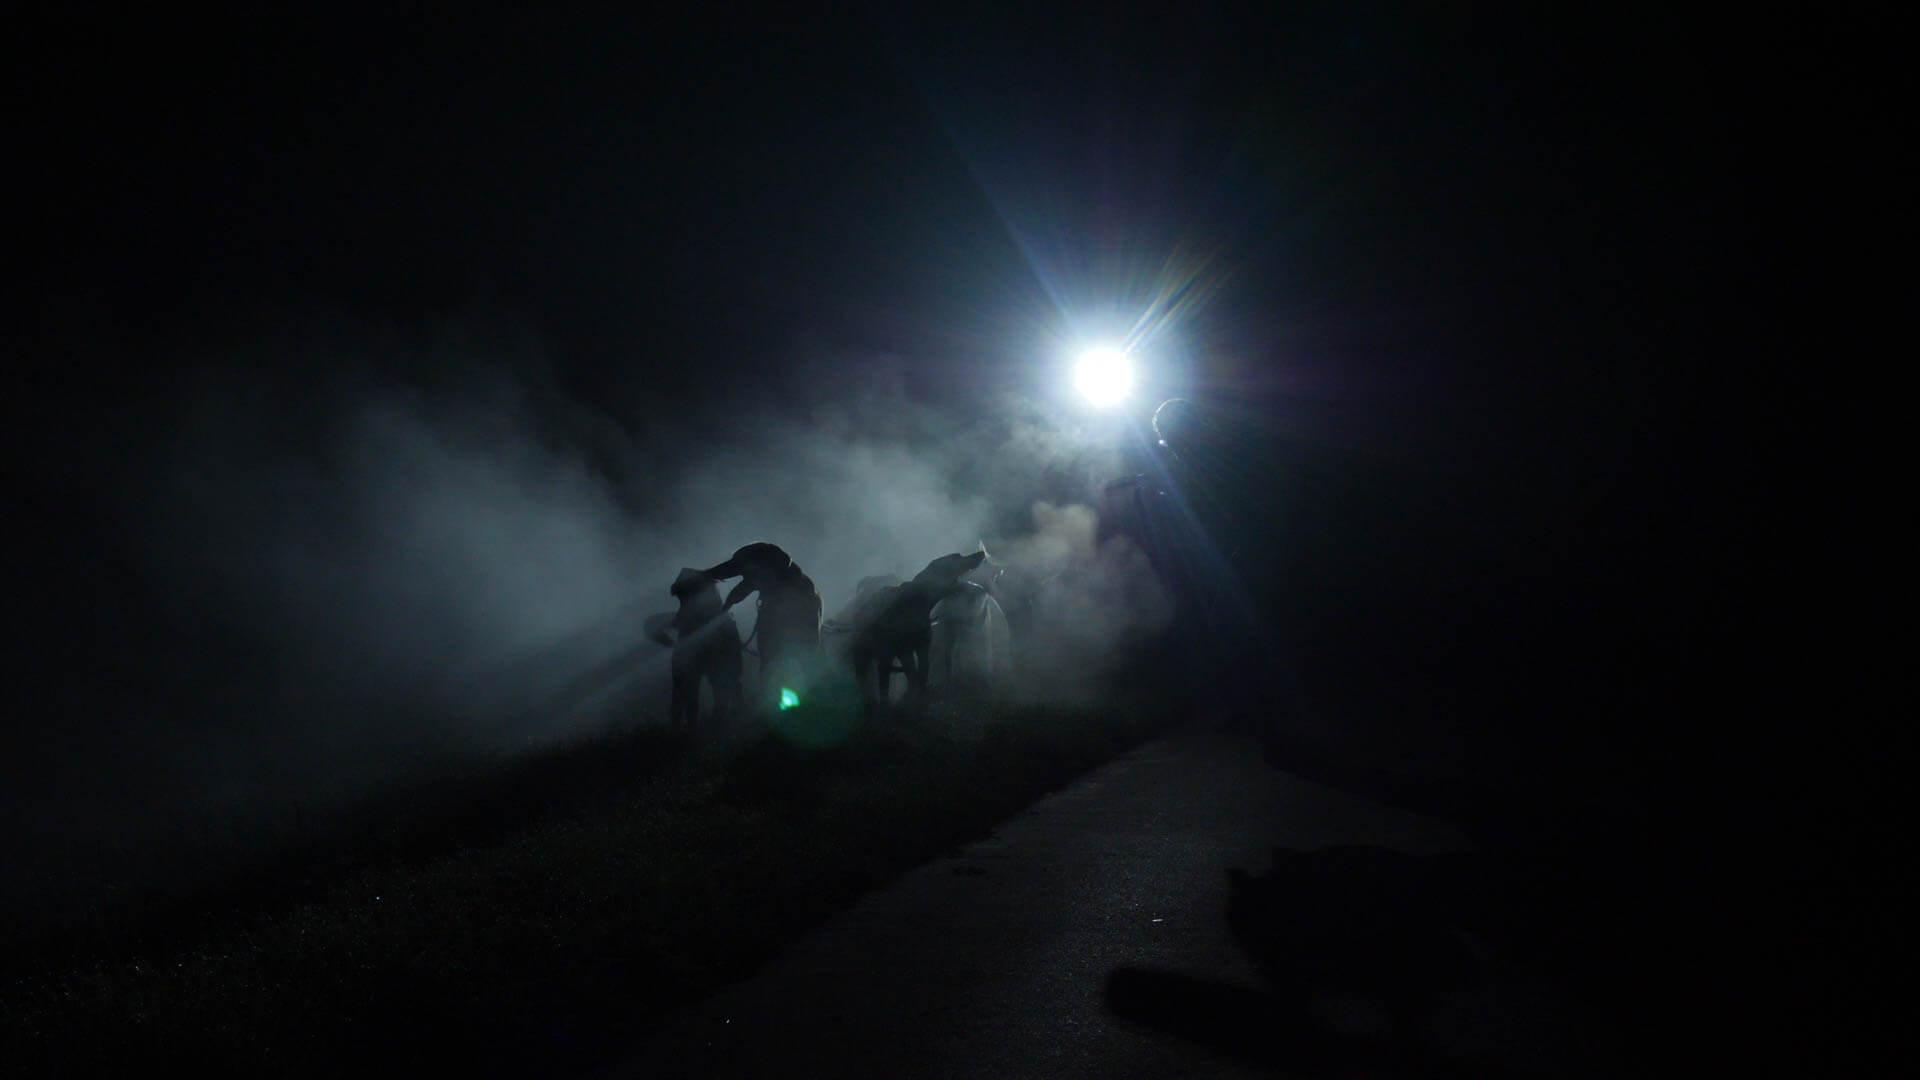 Die Schlittenhunde Nachtfahrt ging durch Nebel und Mondschein in Schwabmünchen entlang